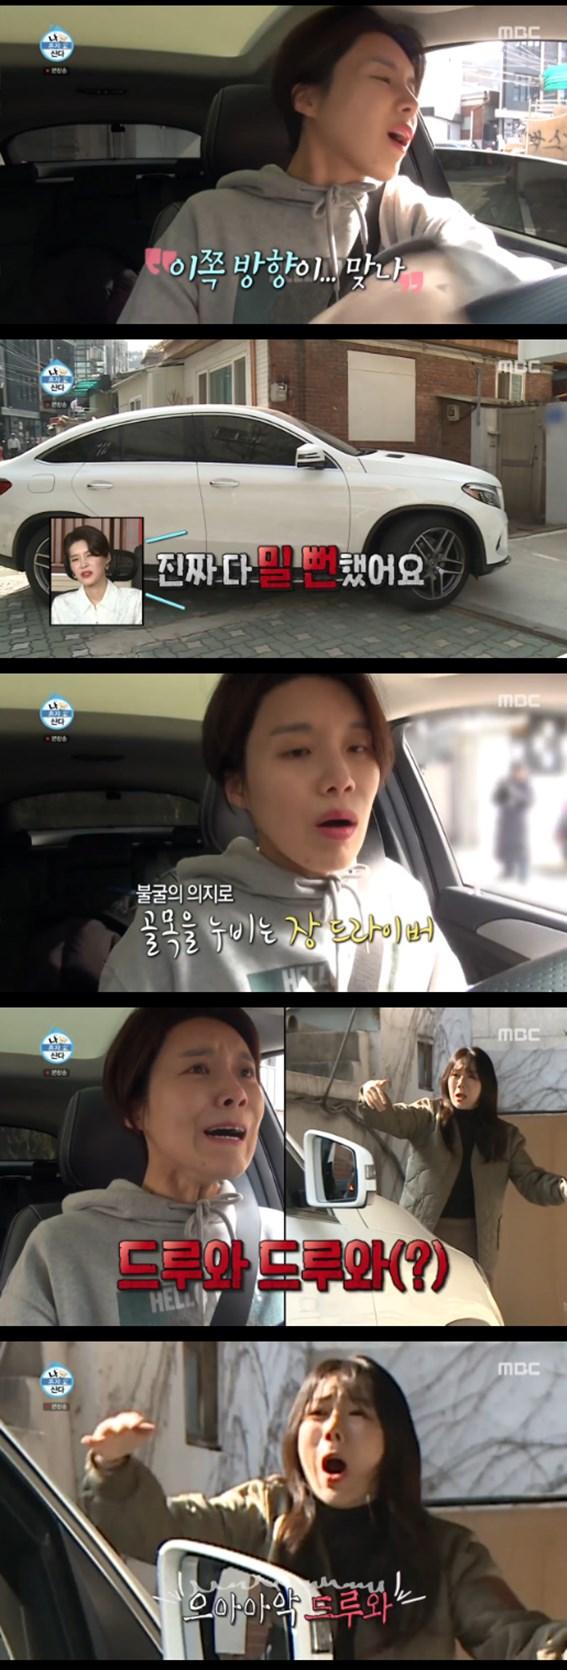 """'나 혼자 산다' 장도연, 대환장 주차 소동 """"차 버리고 싶다"""""""